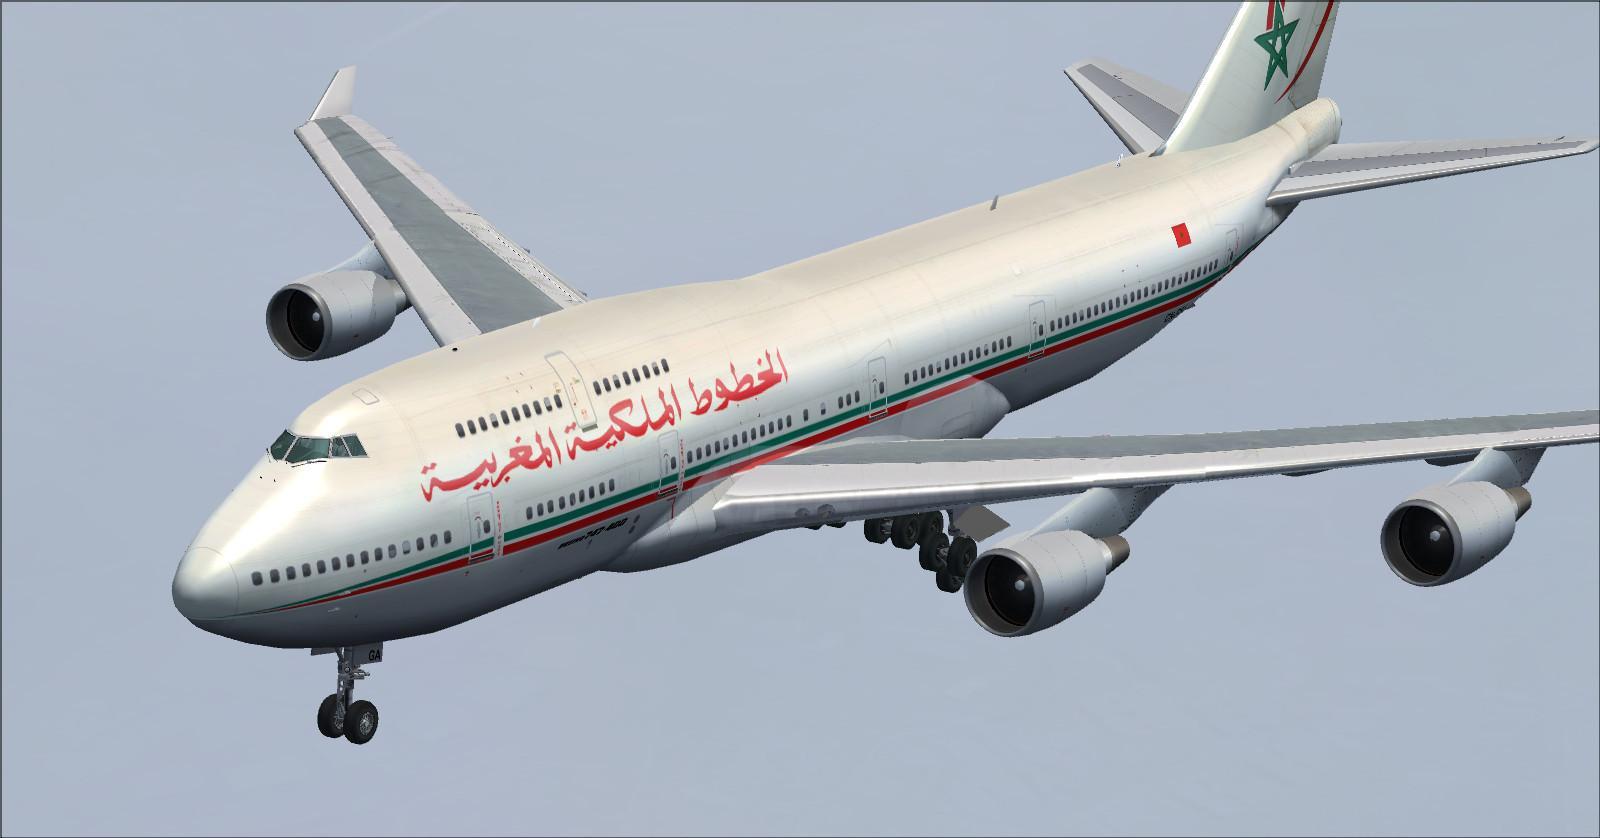 બોઇંગ 747-400 રેમ